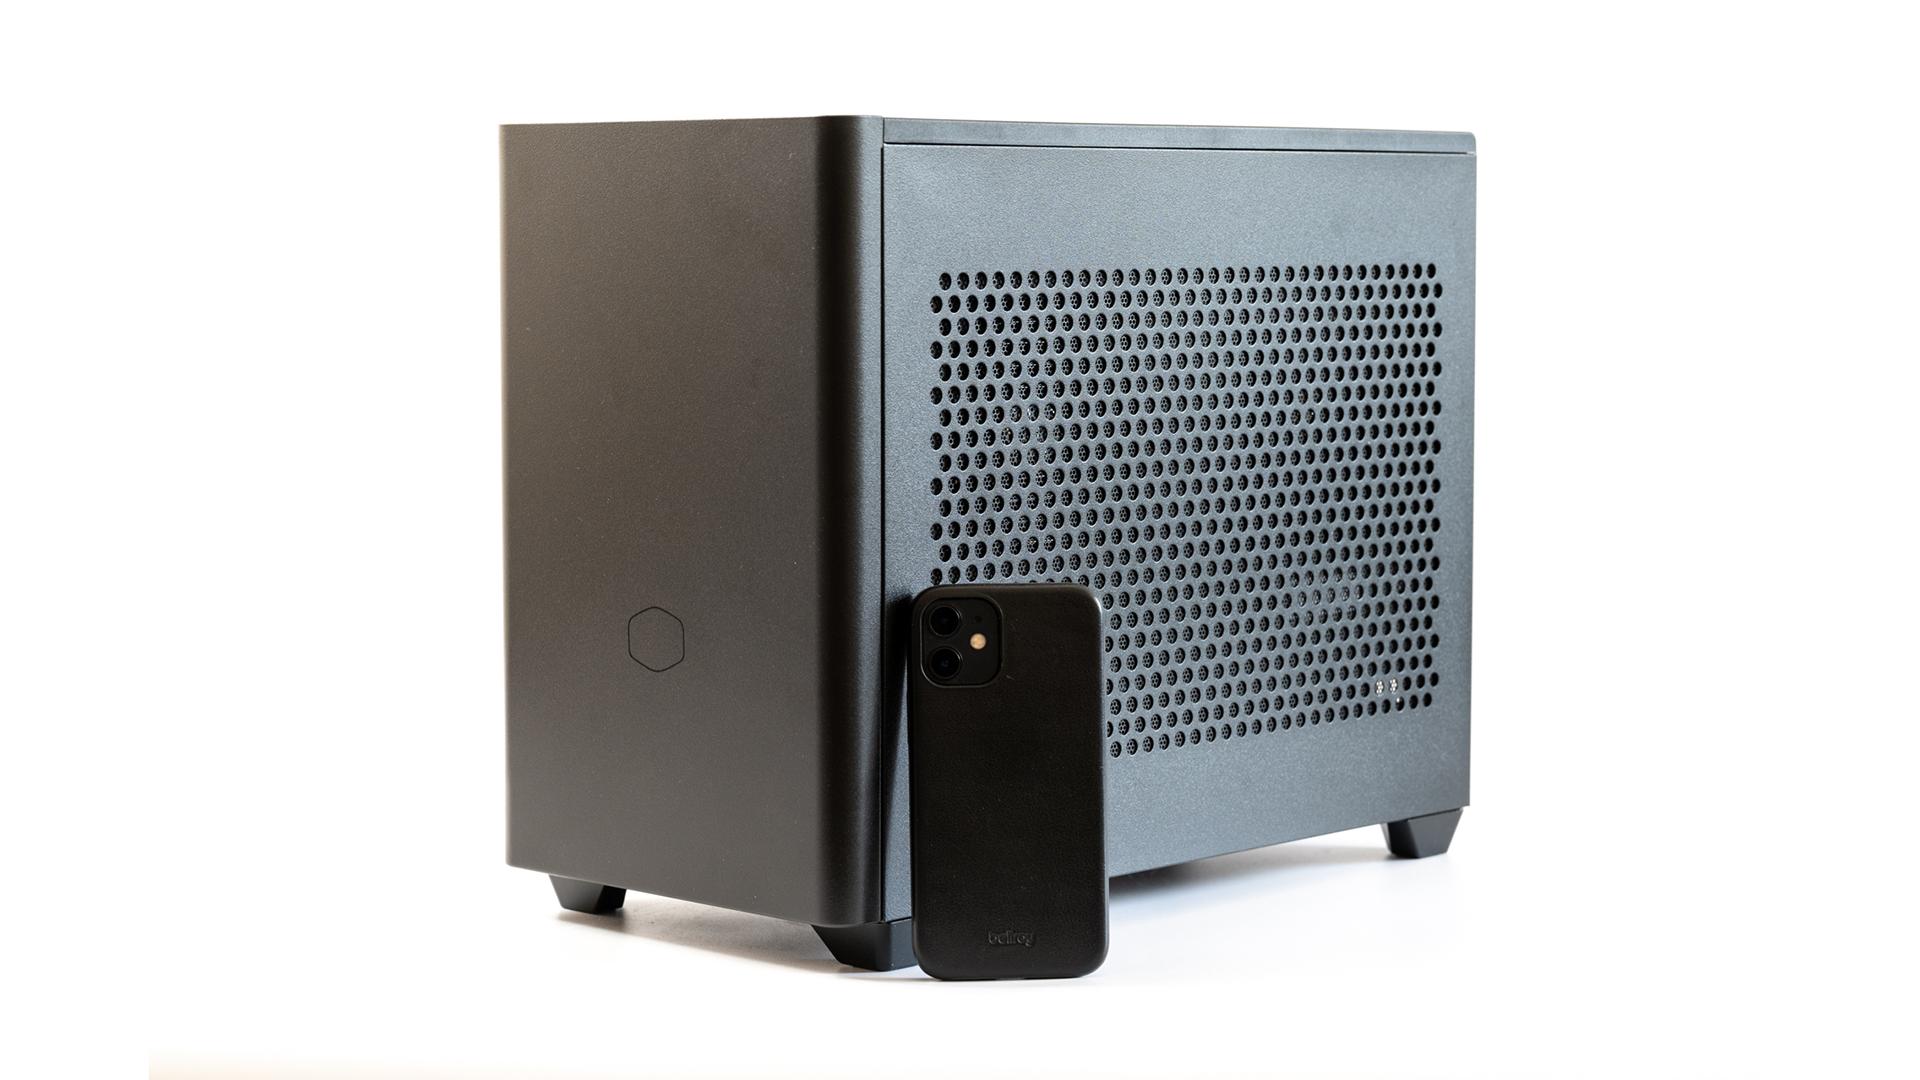 Cooler Master NR200PにRyzen 9 5950XとRTX 3060 Tiをぶち込んだコンパクトなゲーミングPCを組んだ